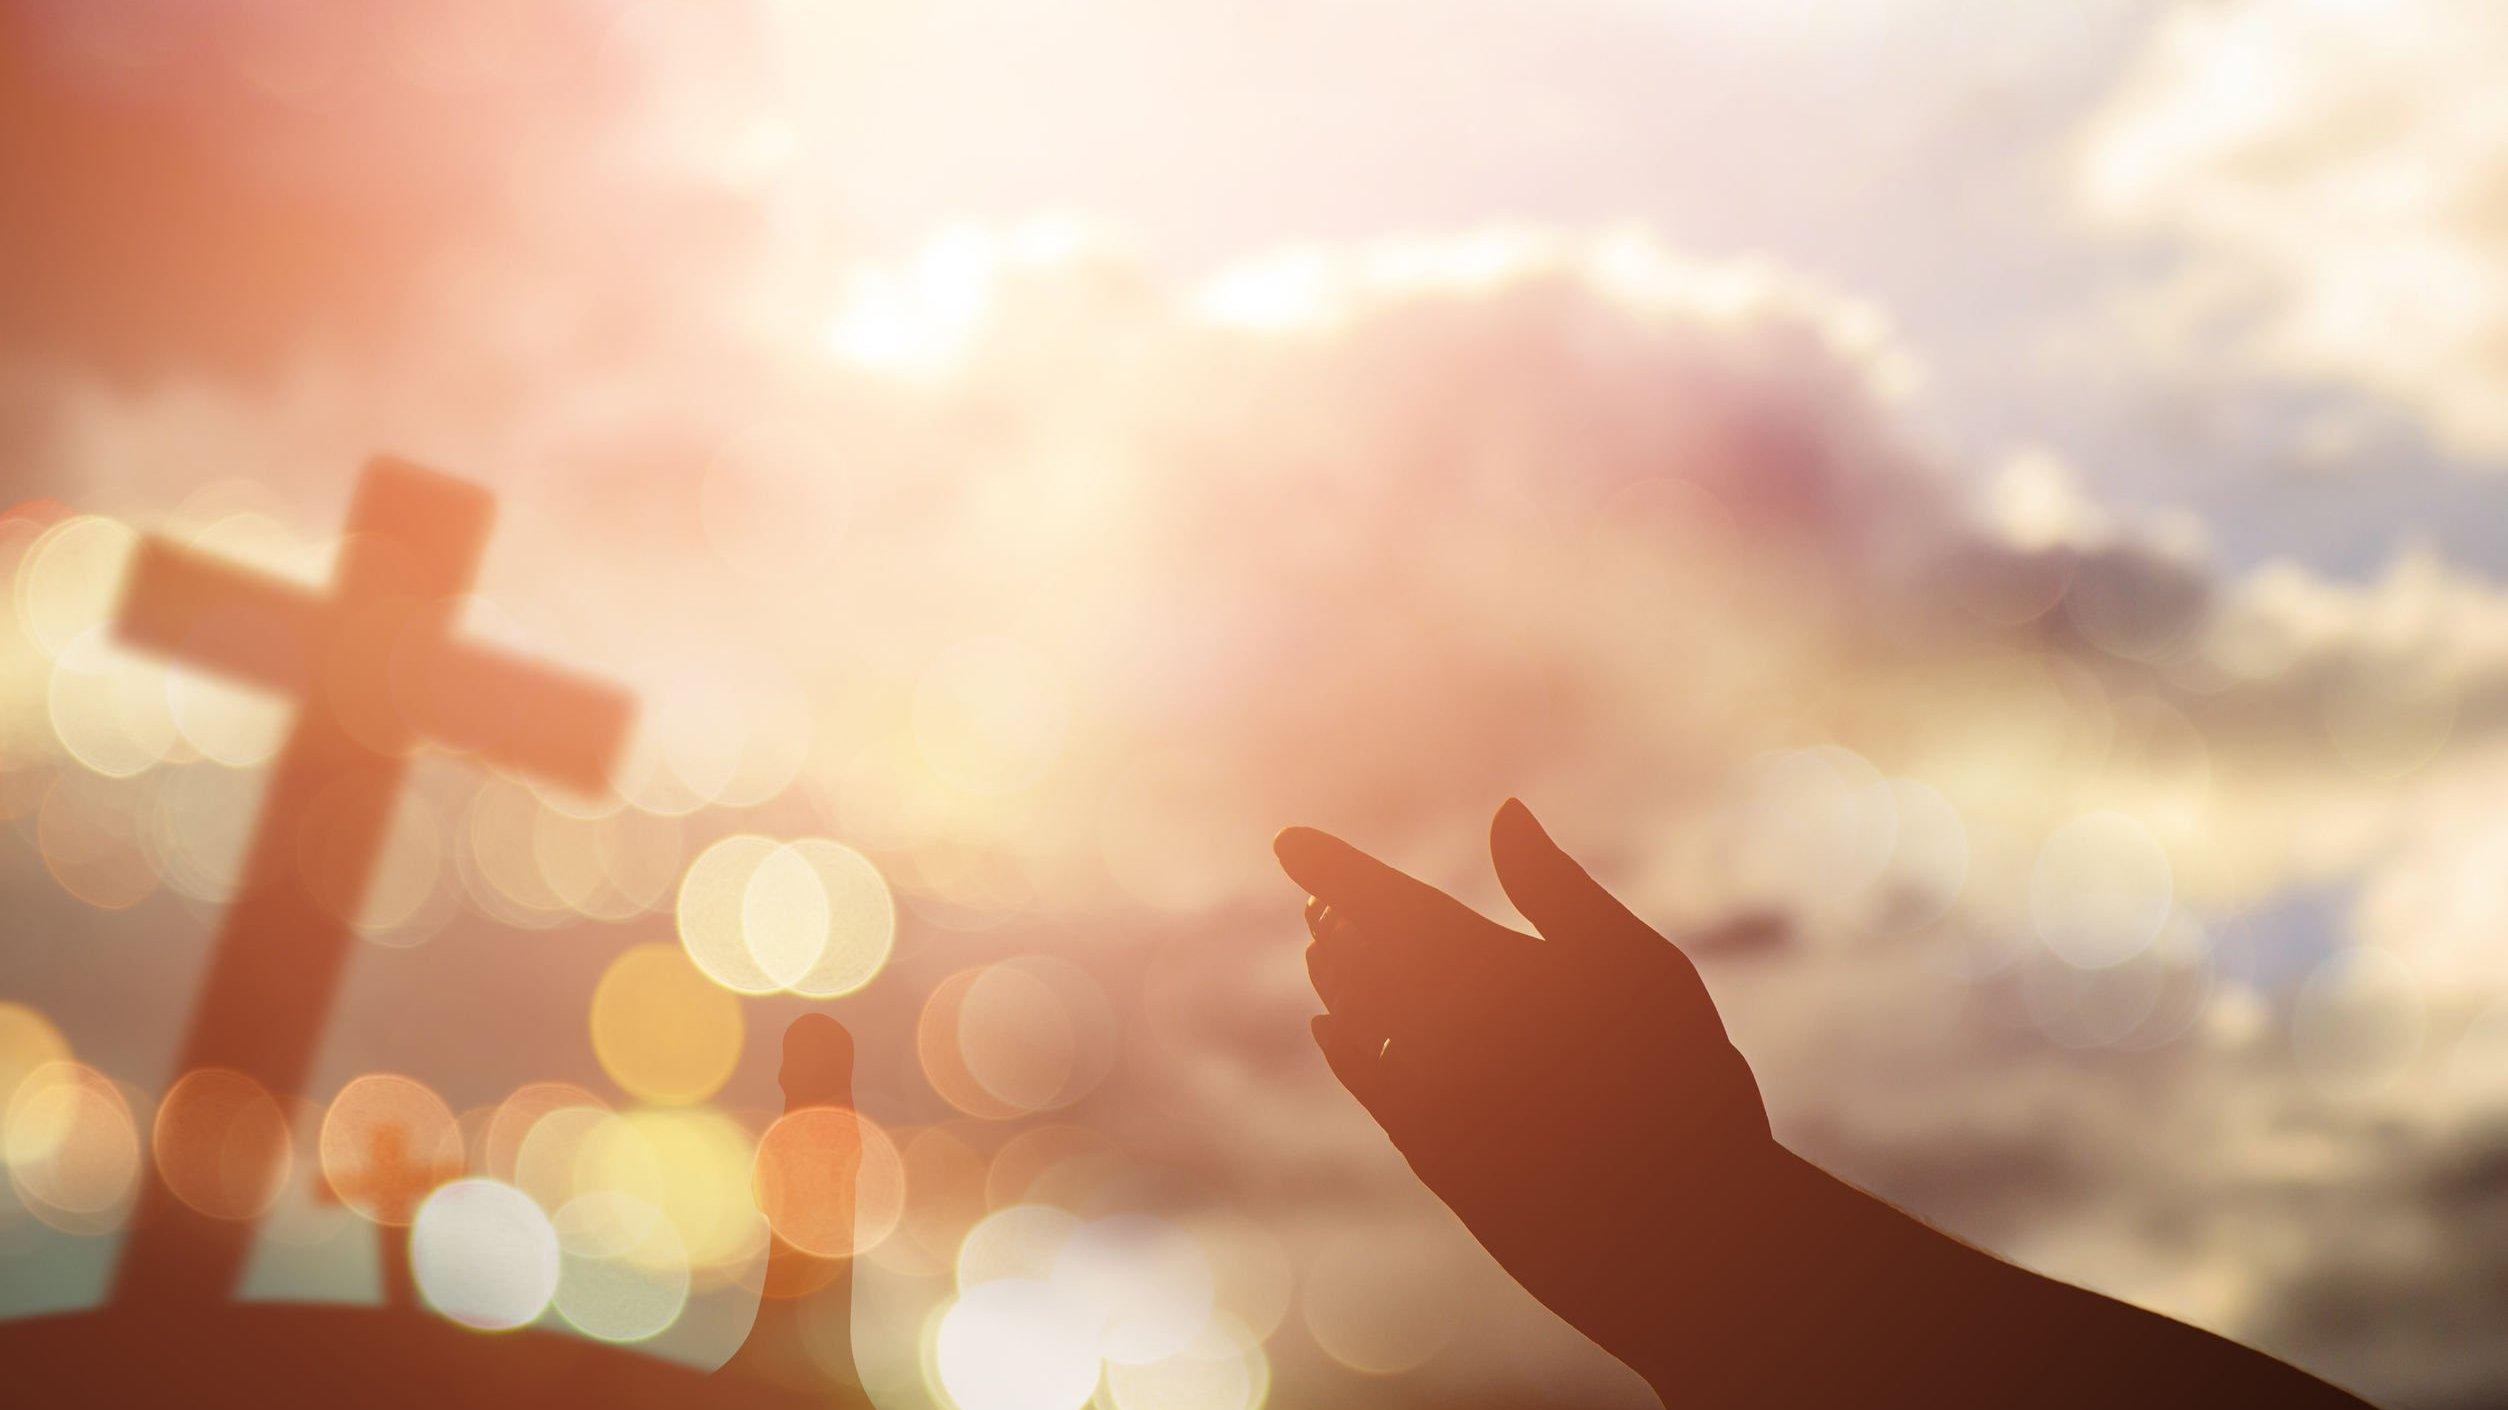 Mãos de pessoa orando, apontando para cruz.